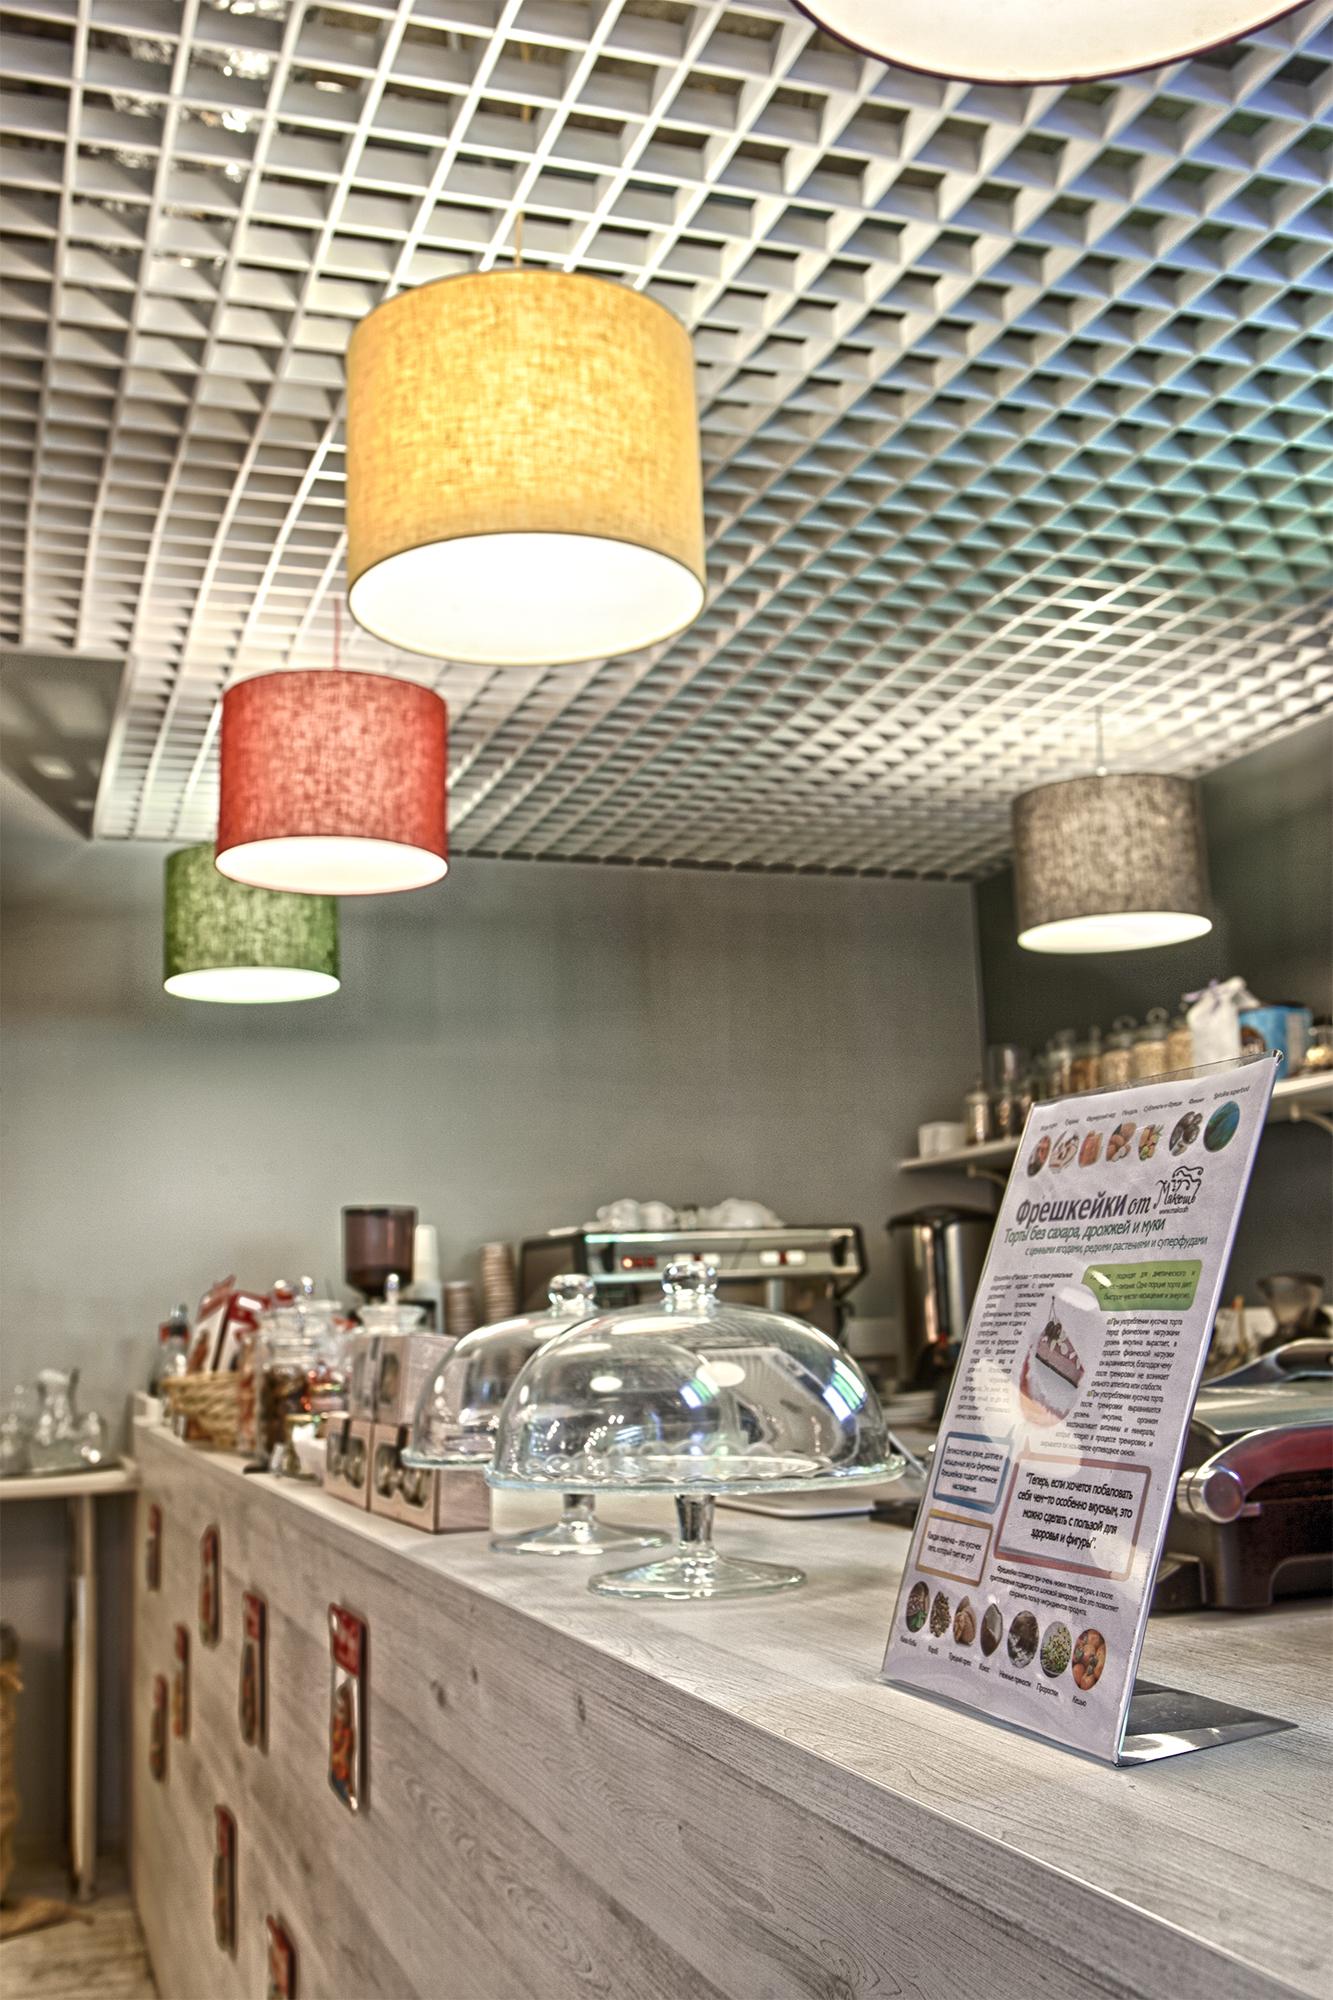 Lotus cafe 4